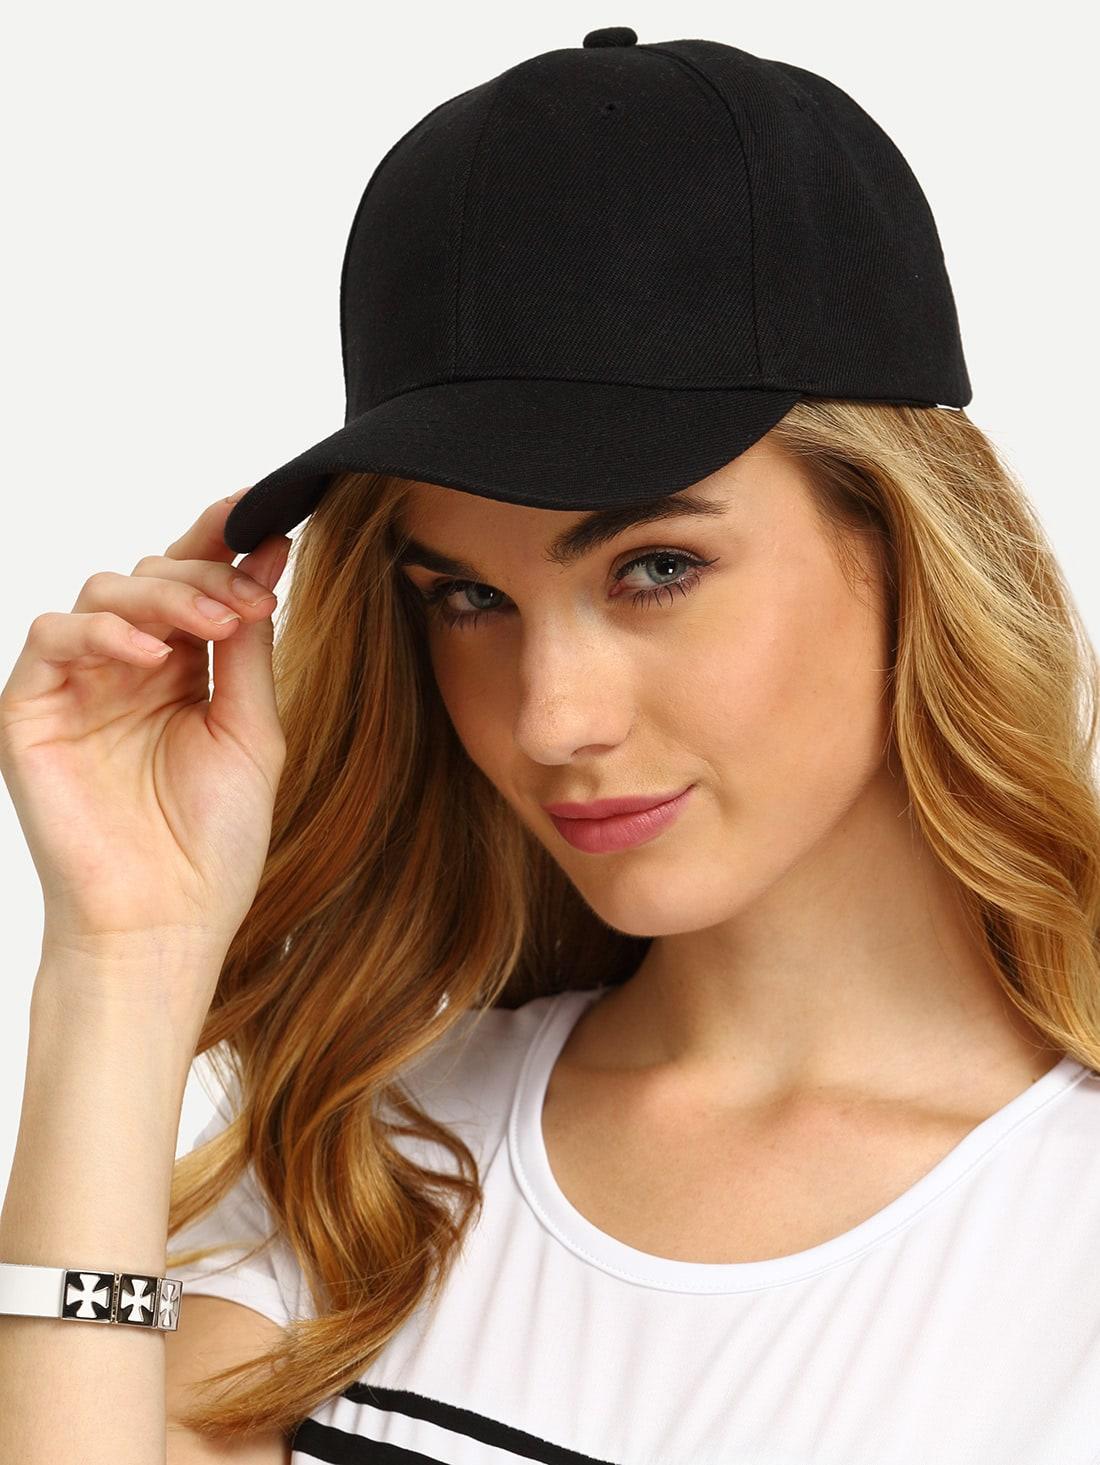 Black Simple Baseball Cap